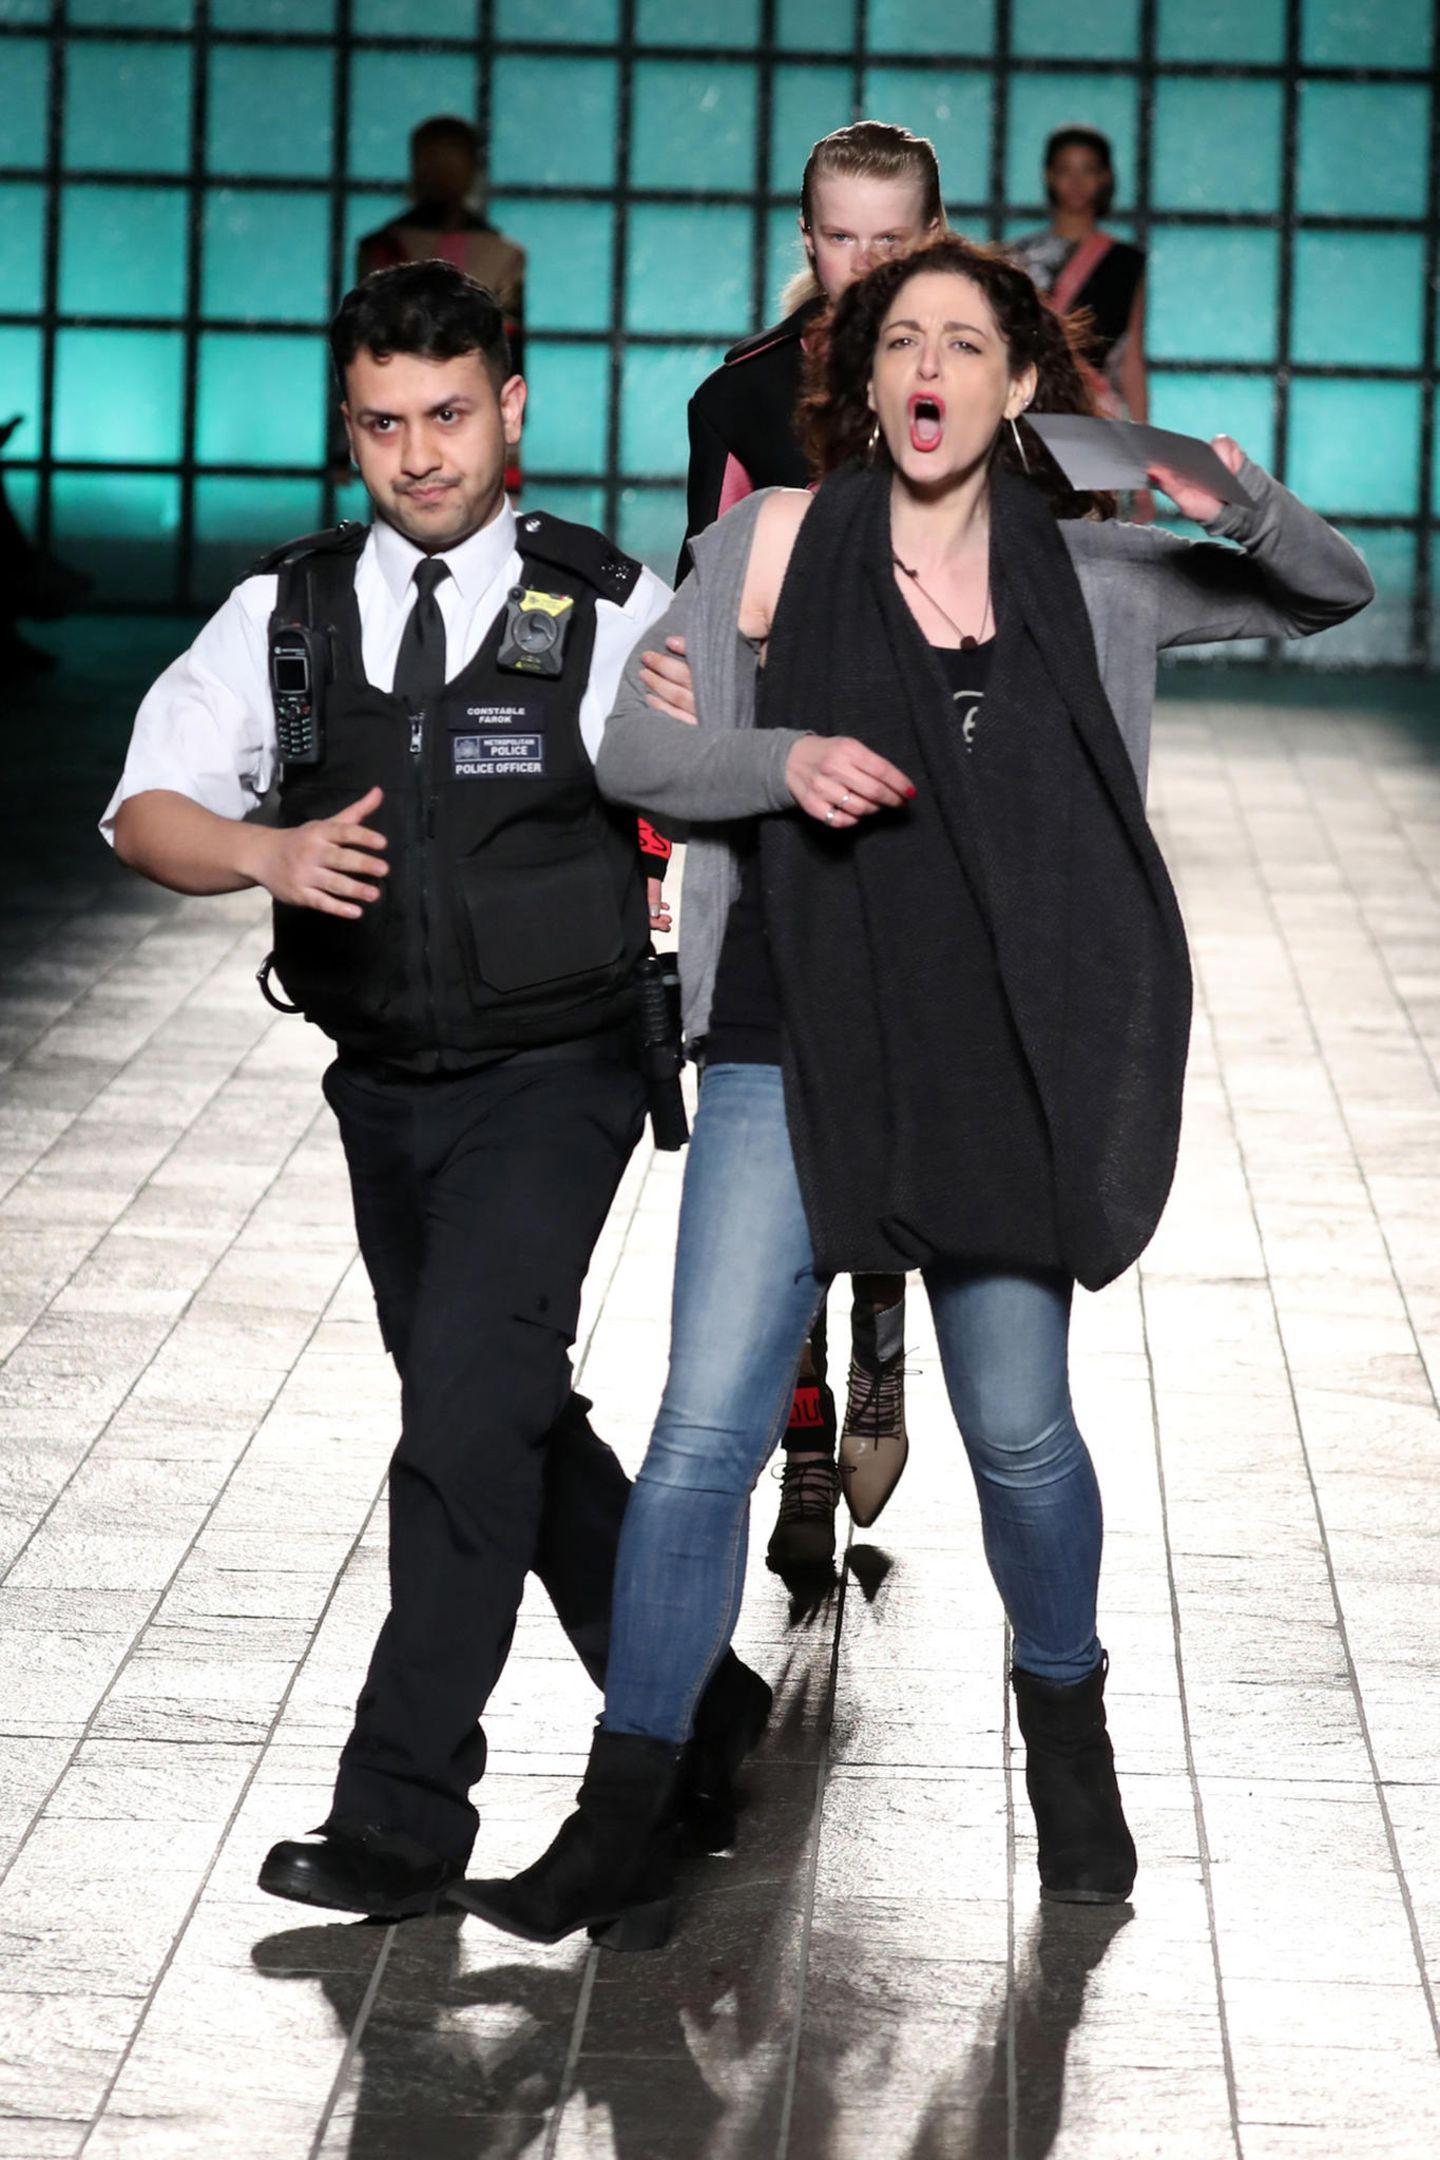 Für Aufsehen sorgte diese Dame, eine Anti-Pelz-Demonstrantin, die lauthals den Laufsteg stürmte und dann von einem Sicherheitsbeamten abgeführt werden musste. Dabei war sie bei der Fashion-Show von Mary Katrantzou völlig fehl am Platz, die war nämlich pelzfrei.